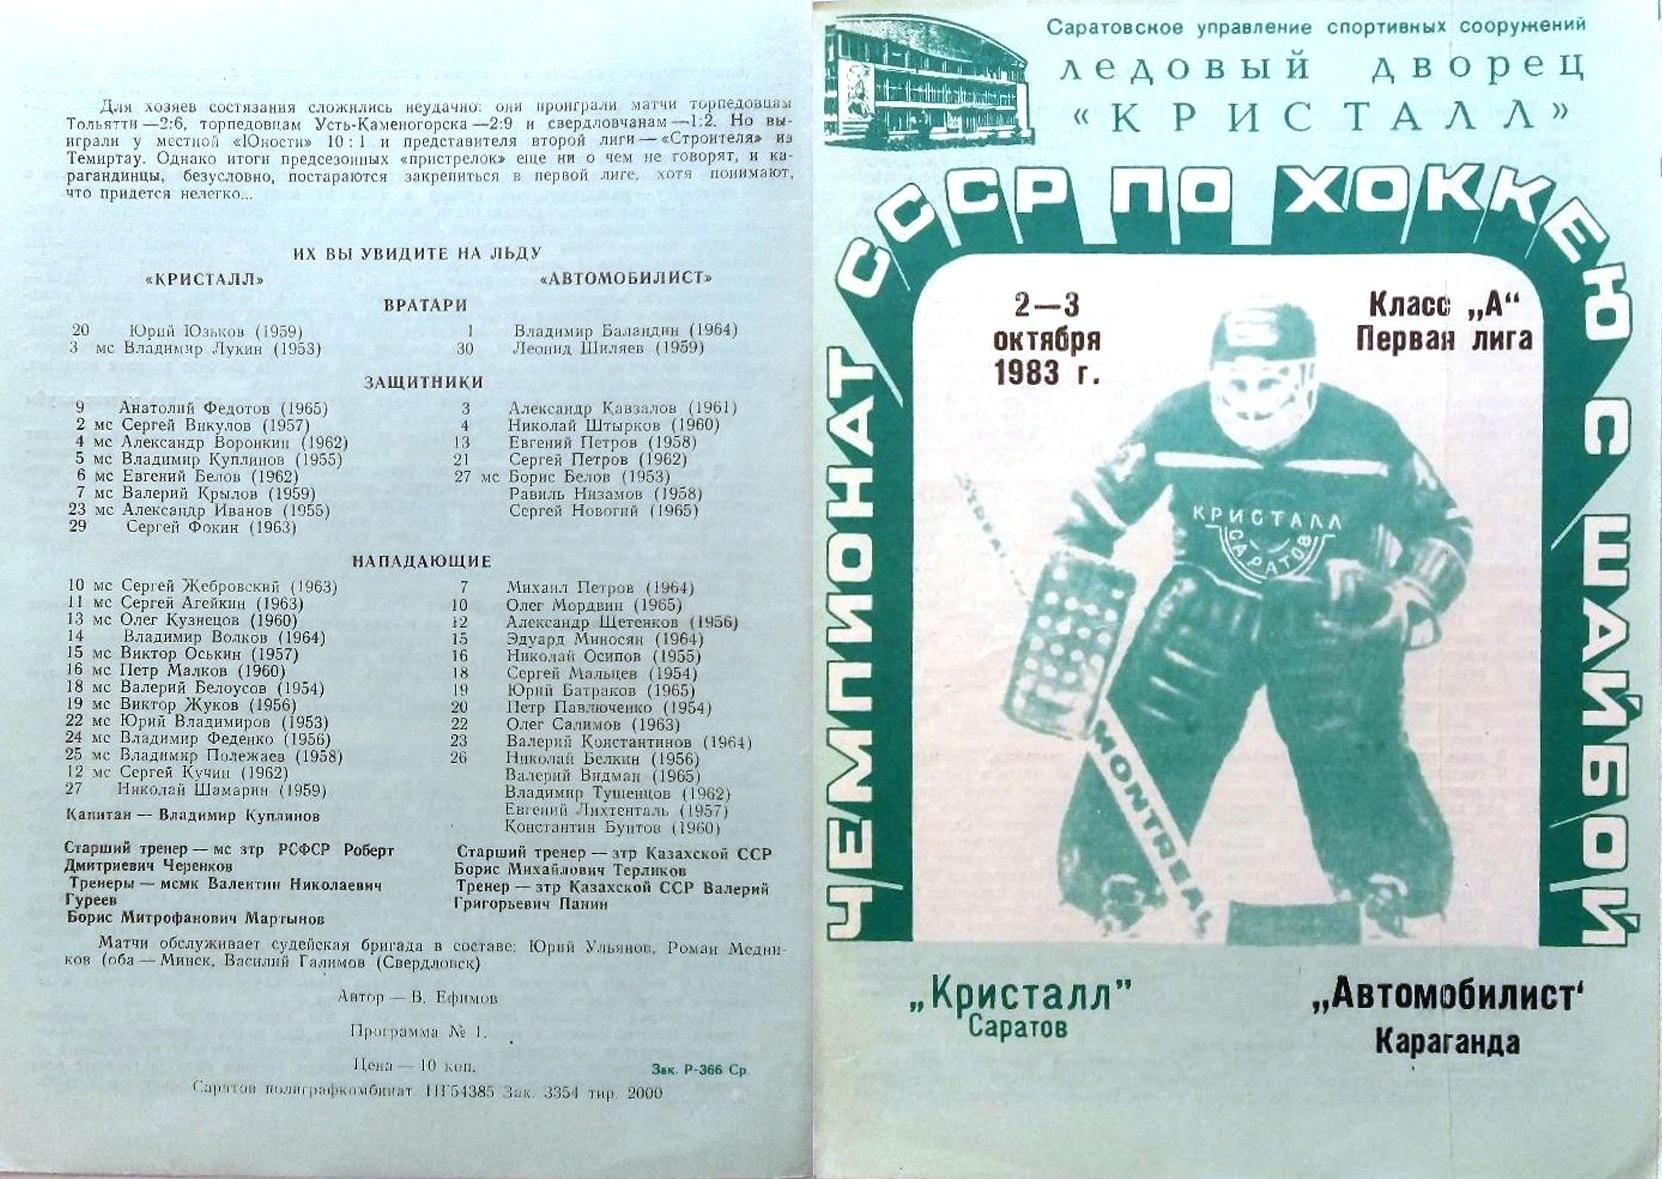 2-3.10.1983..jpg